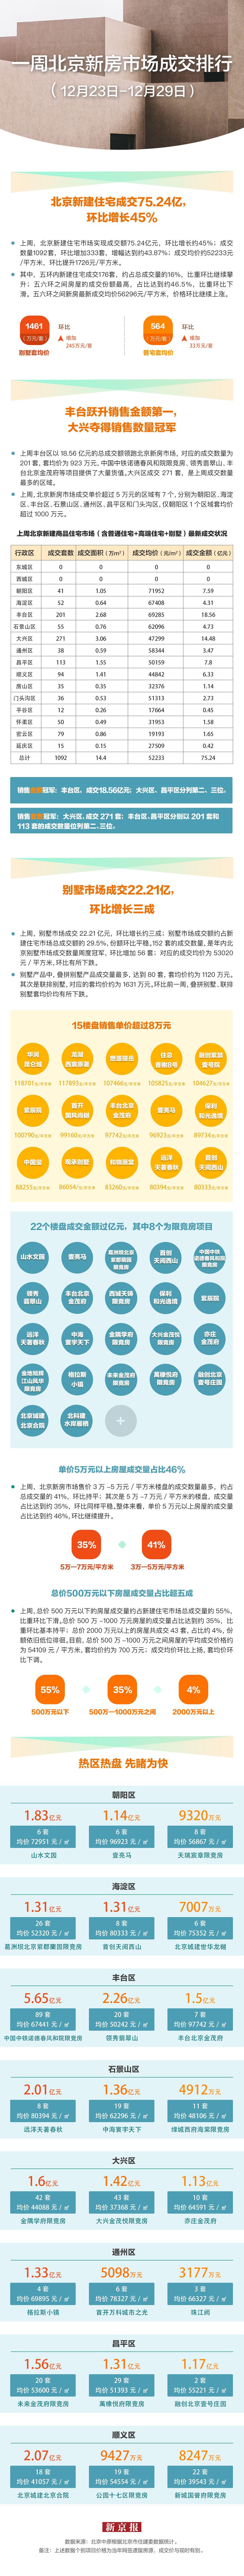 上周北京新建住宅成交超千套 别墅成交量创年内新高